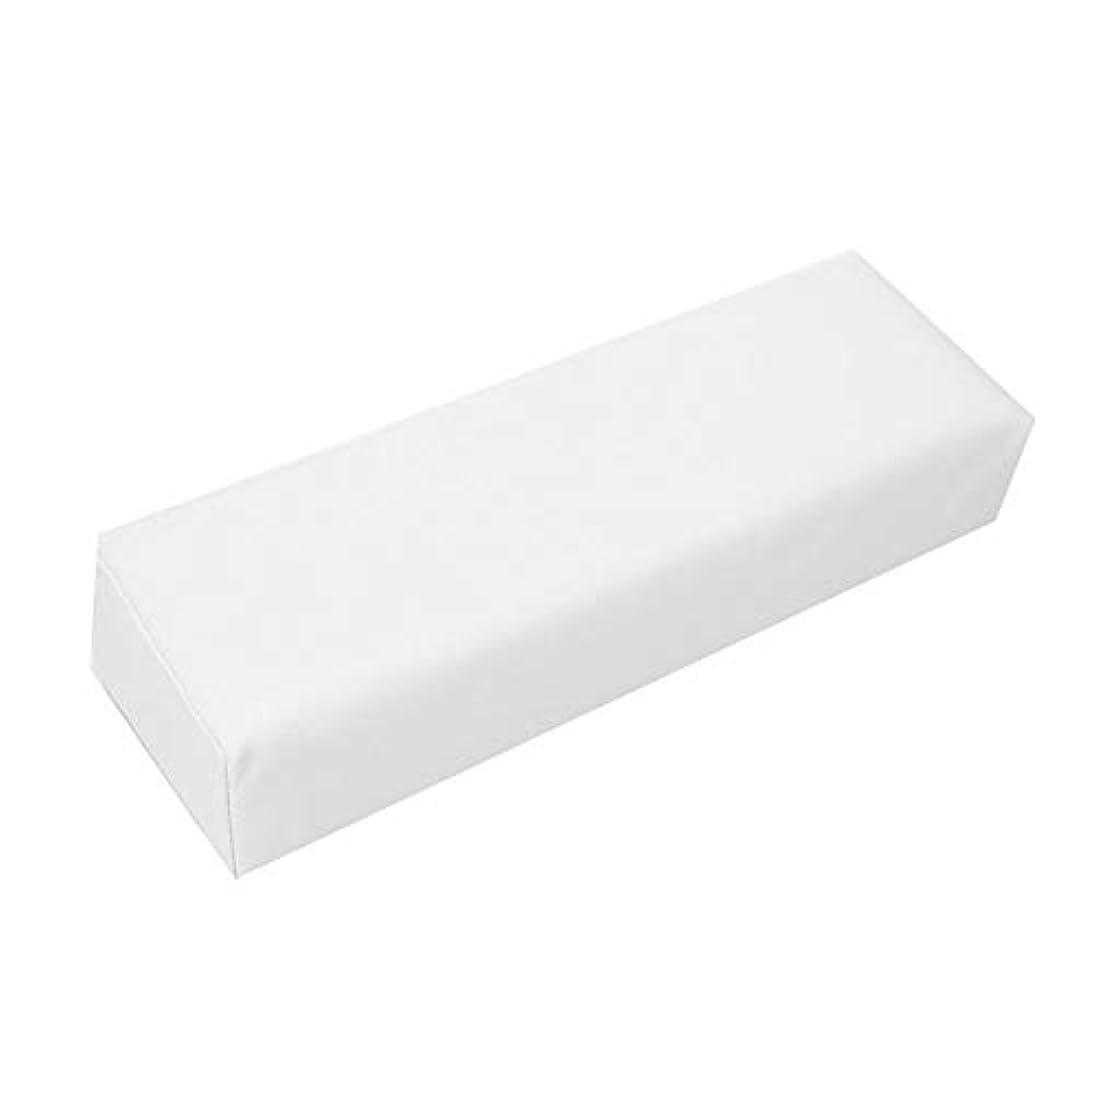 バナナ精巧なマートdootiネイル用アームレスト 人工レザー 清潔容易 手をサポート 練習用にも 高弾性な充填物 美容院 美容室 ネイルサロン 理容室に適用(ホワイト)